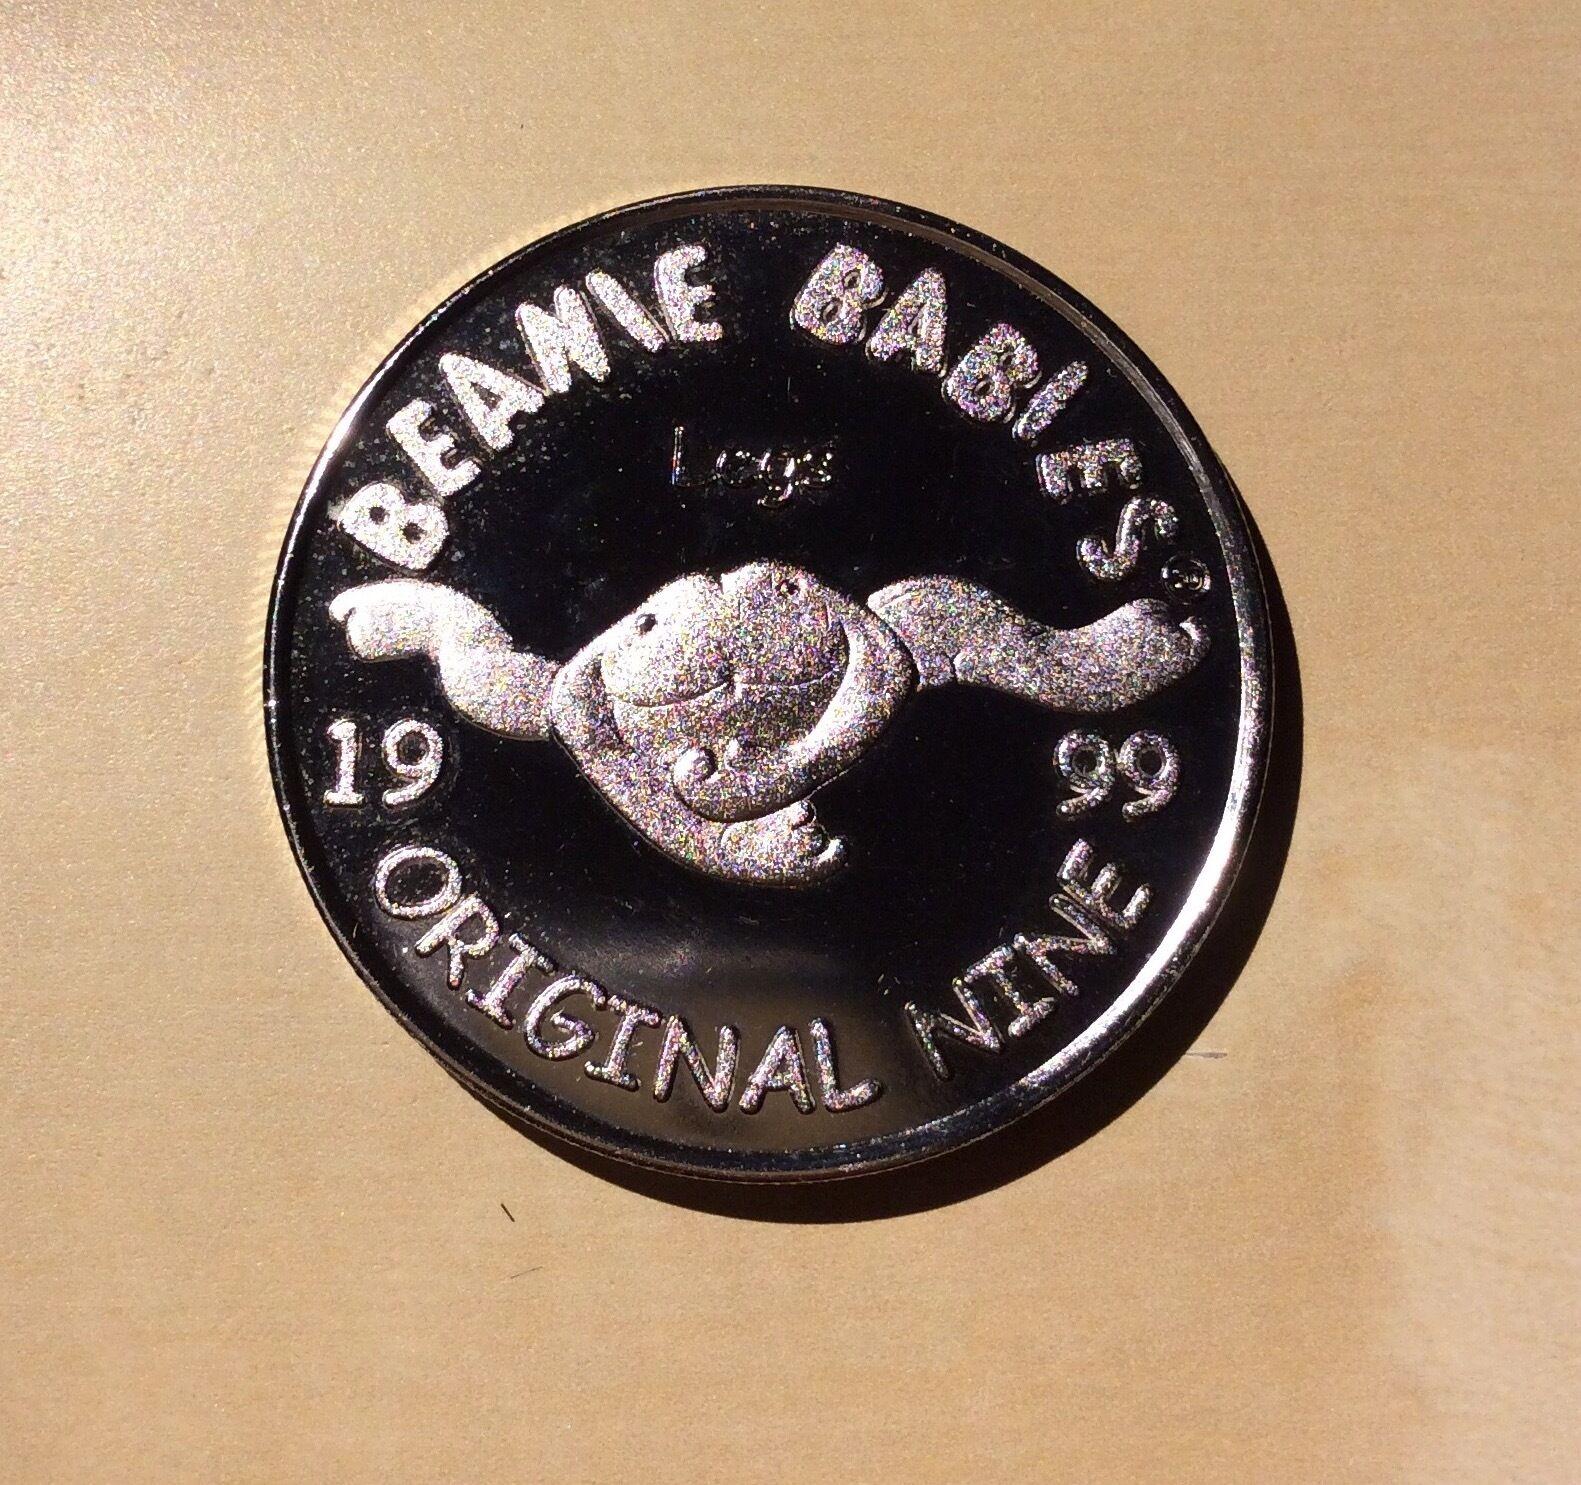 Beanie babys 1999 ursprünglich neun  beine  offizielle club medaillon